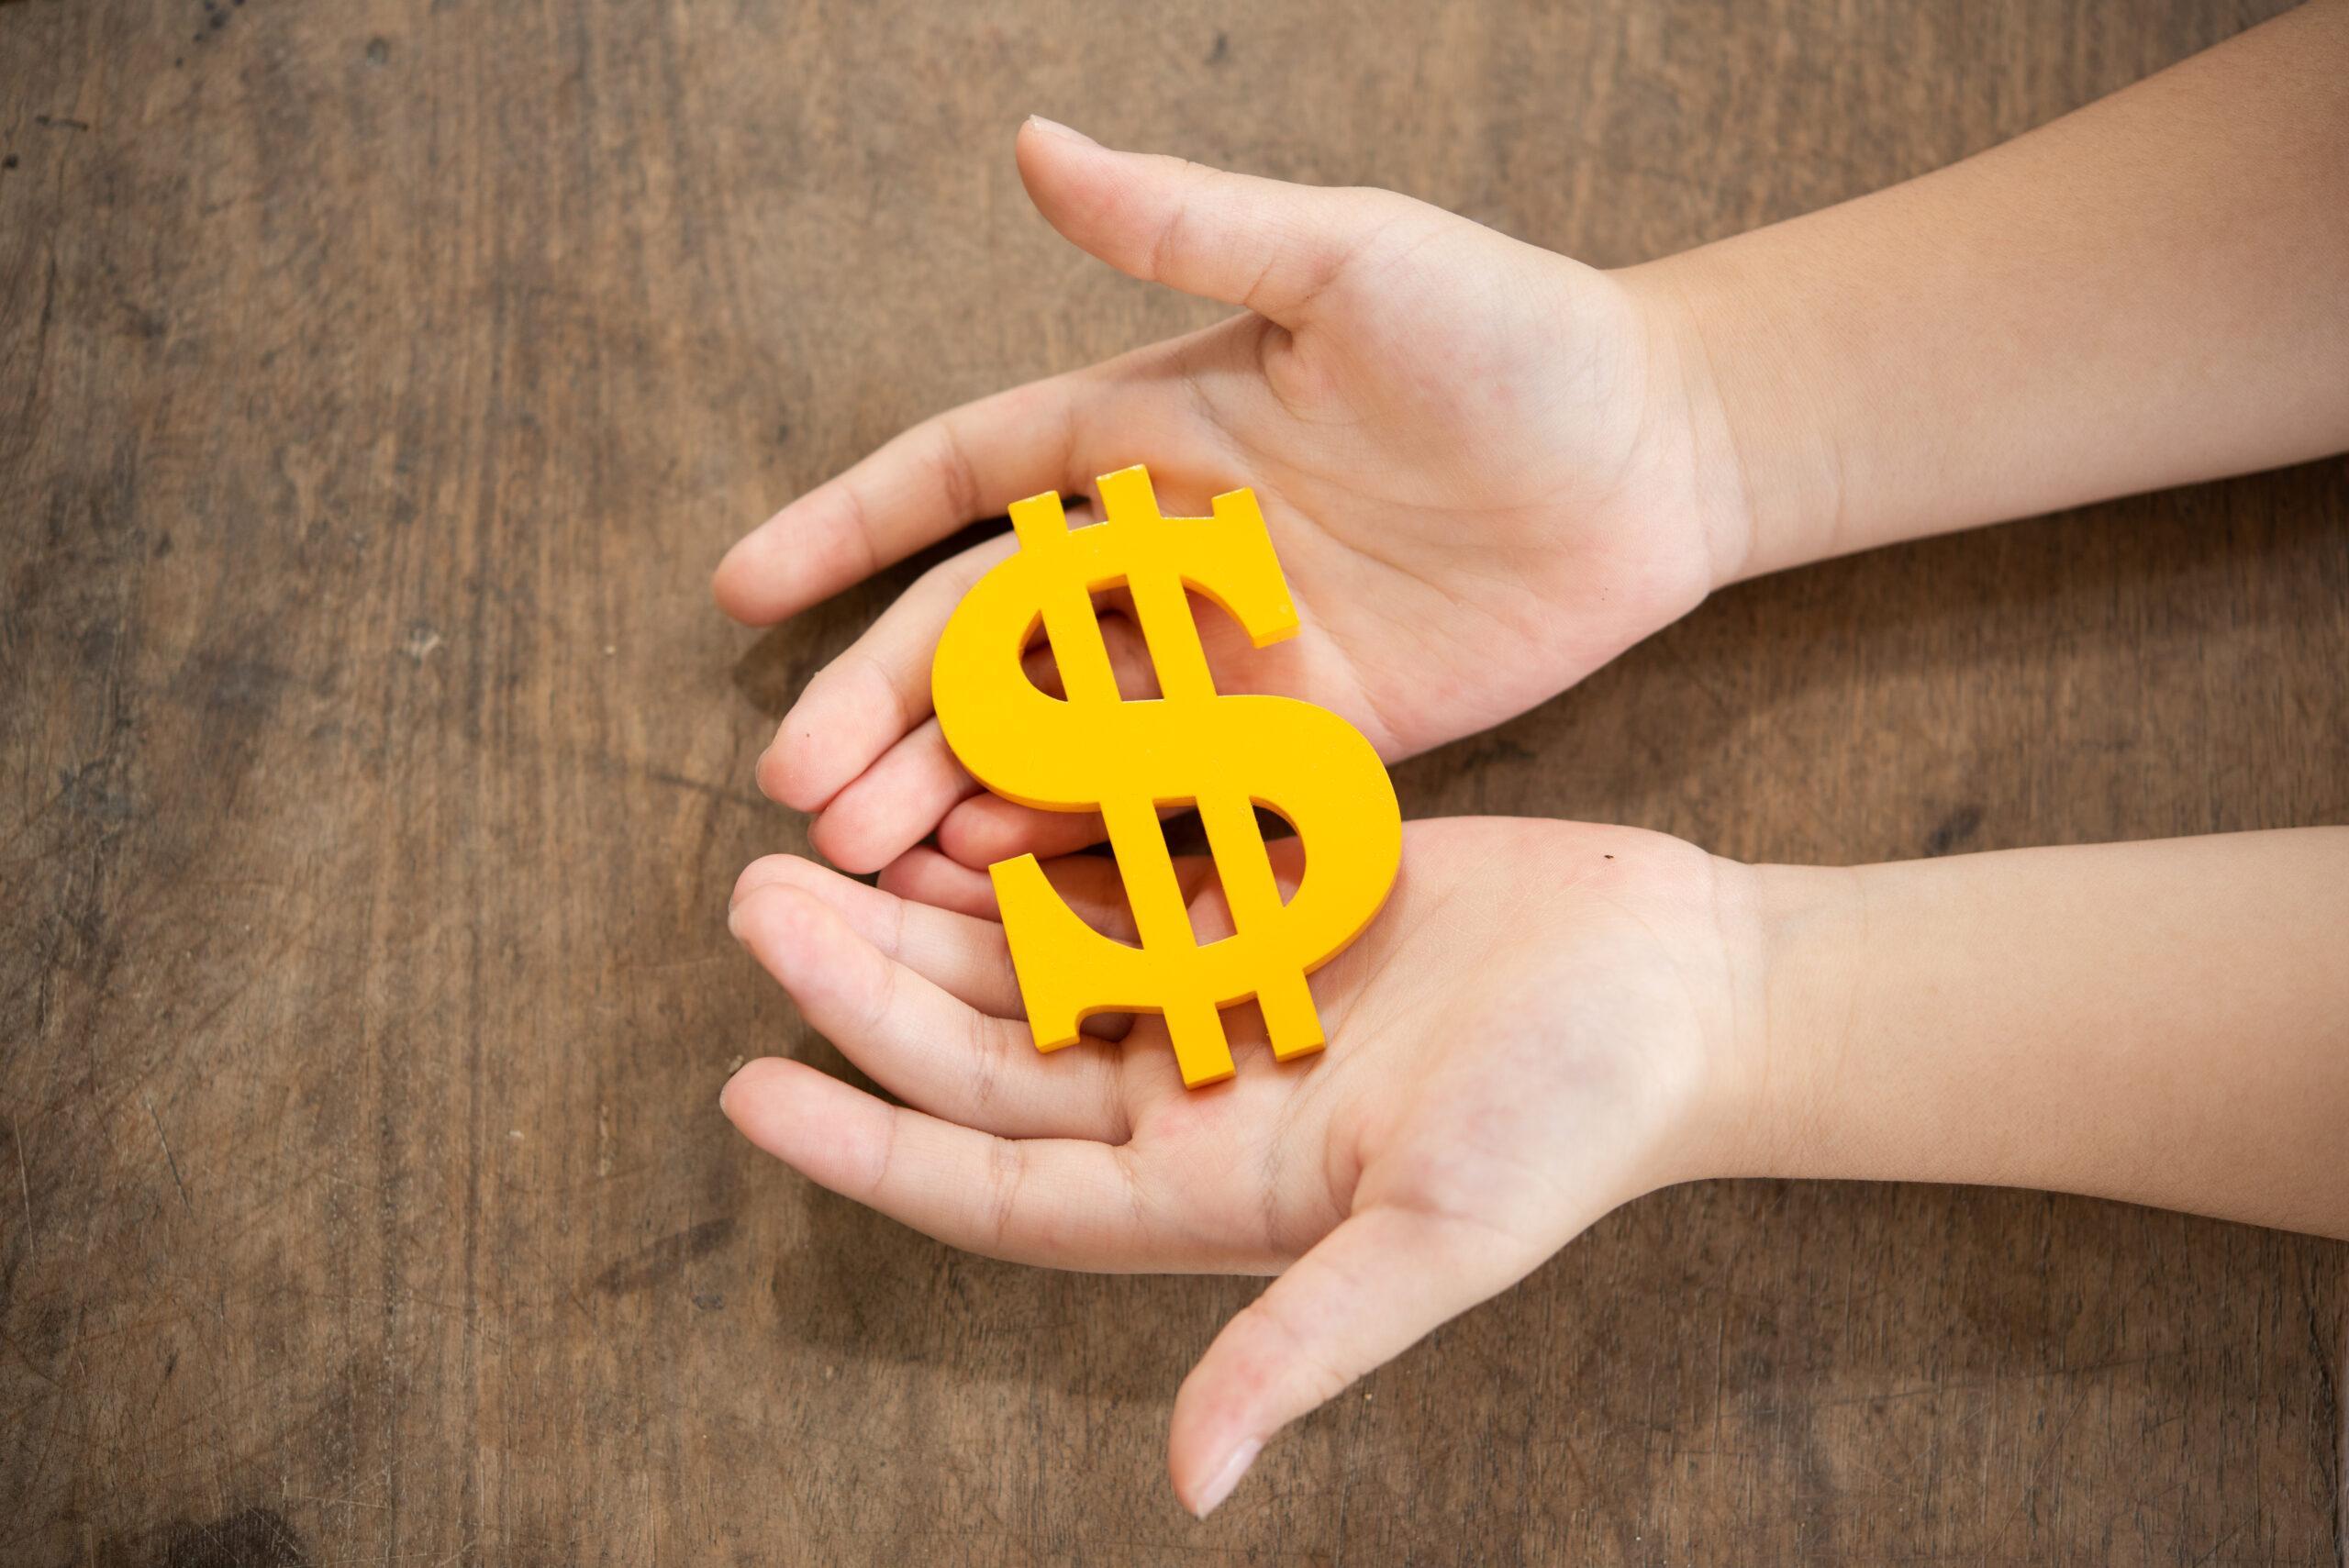 Mãos segurando um cifrão amarelo